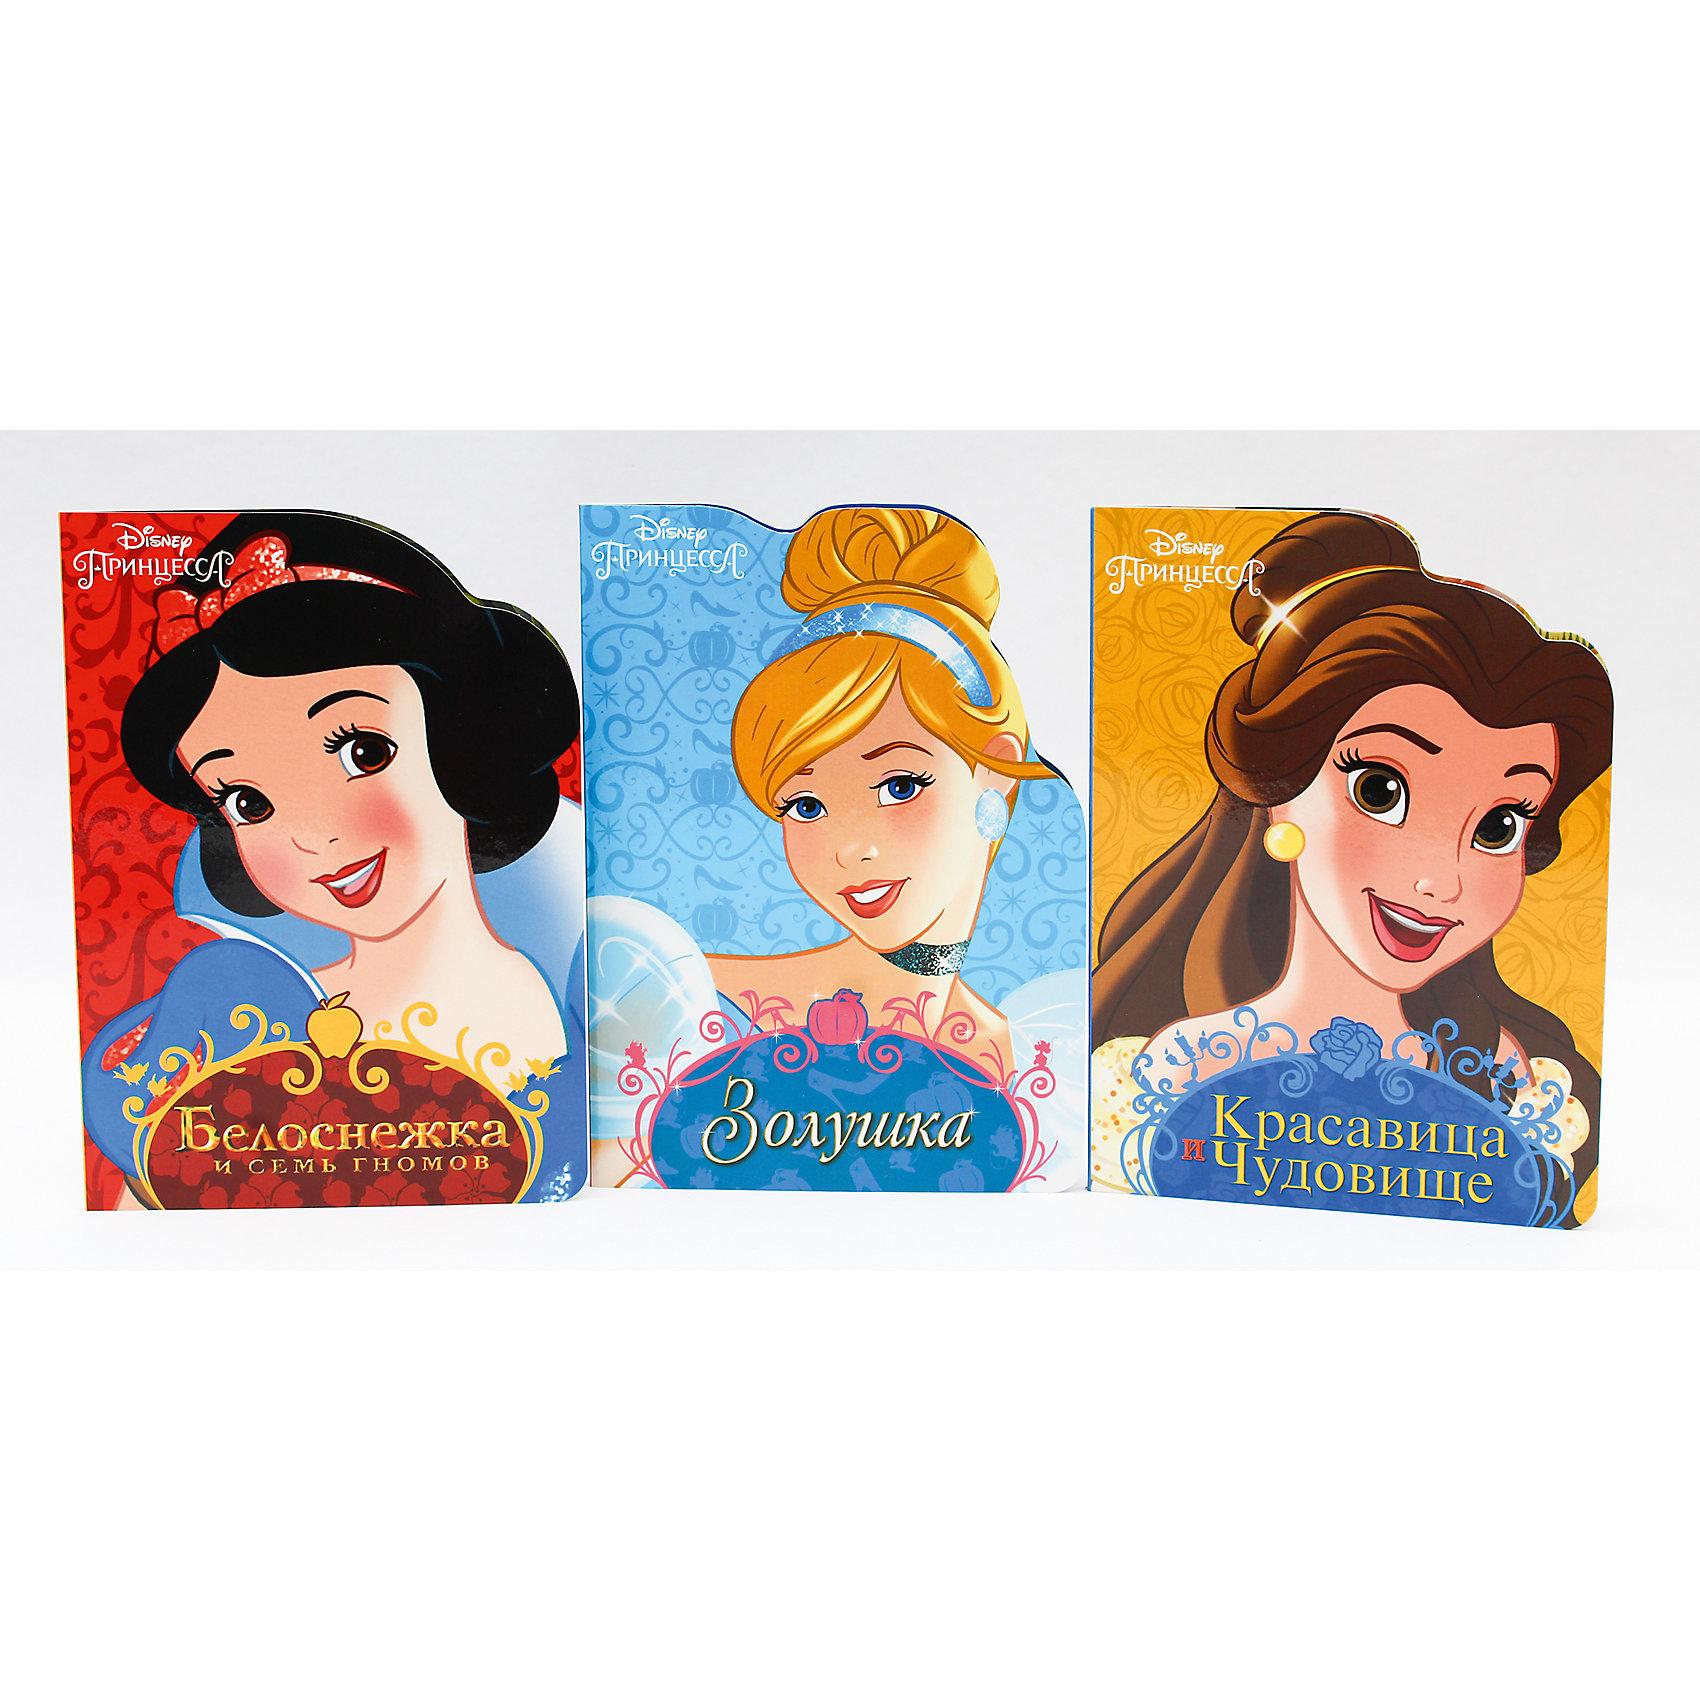 Комплект книг Disney  Белоснежка, Золушка, Красавица и ЧудовищеСказки<br>Любимые герои Disney снова с нами!Кто на свете всех милее? Конечно,прекрасная Белоснежка. Удастся ли бедной принцессе спастись от гнева злой Королевы? Читайте об этом на страницах новой серии книг с вырубкой!<br><br>Ширина мм: 160<br>Глубина мм: 220<br>Высота мм: 18<br>Вес г: 387<br>Возраст от месяцев: 0<br>Возраст до месяцев: 36<br>Пол: Женский<br>Возраст: Детский<br>SKU: 6990111